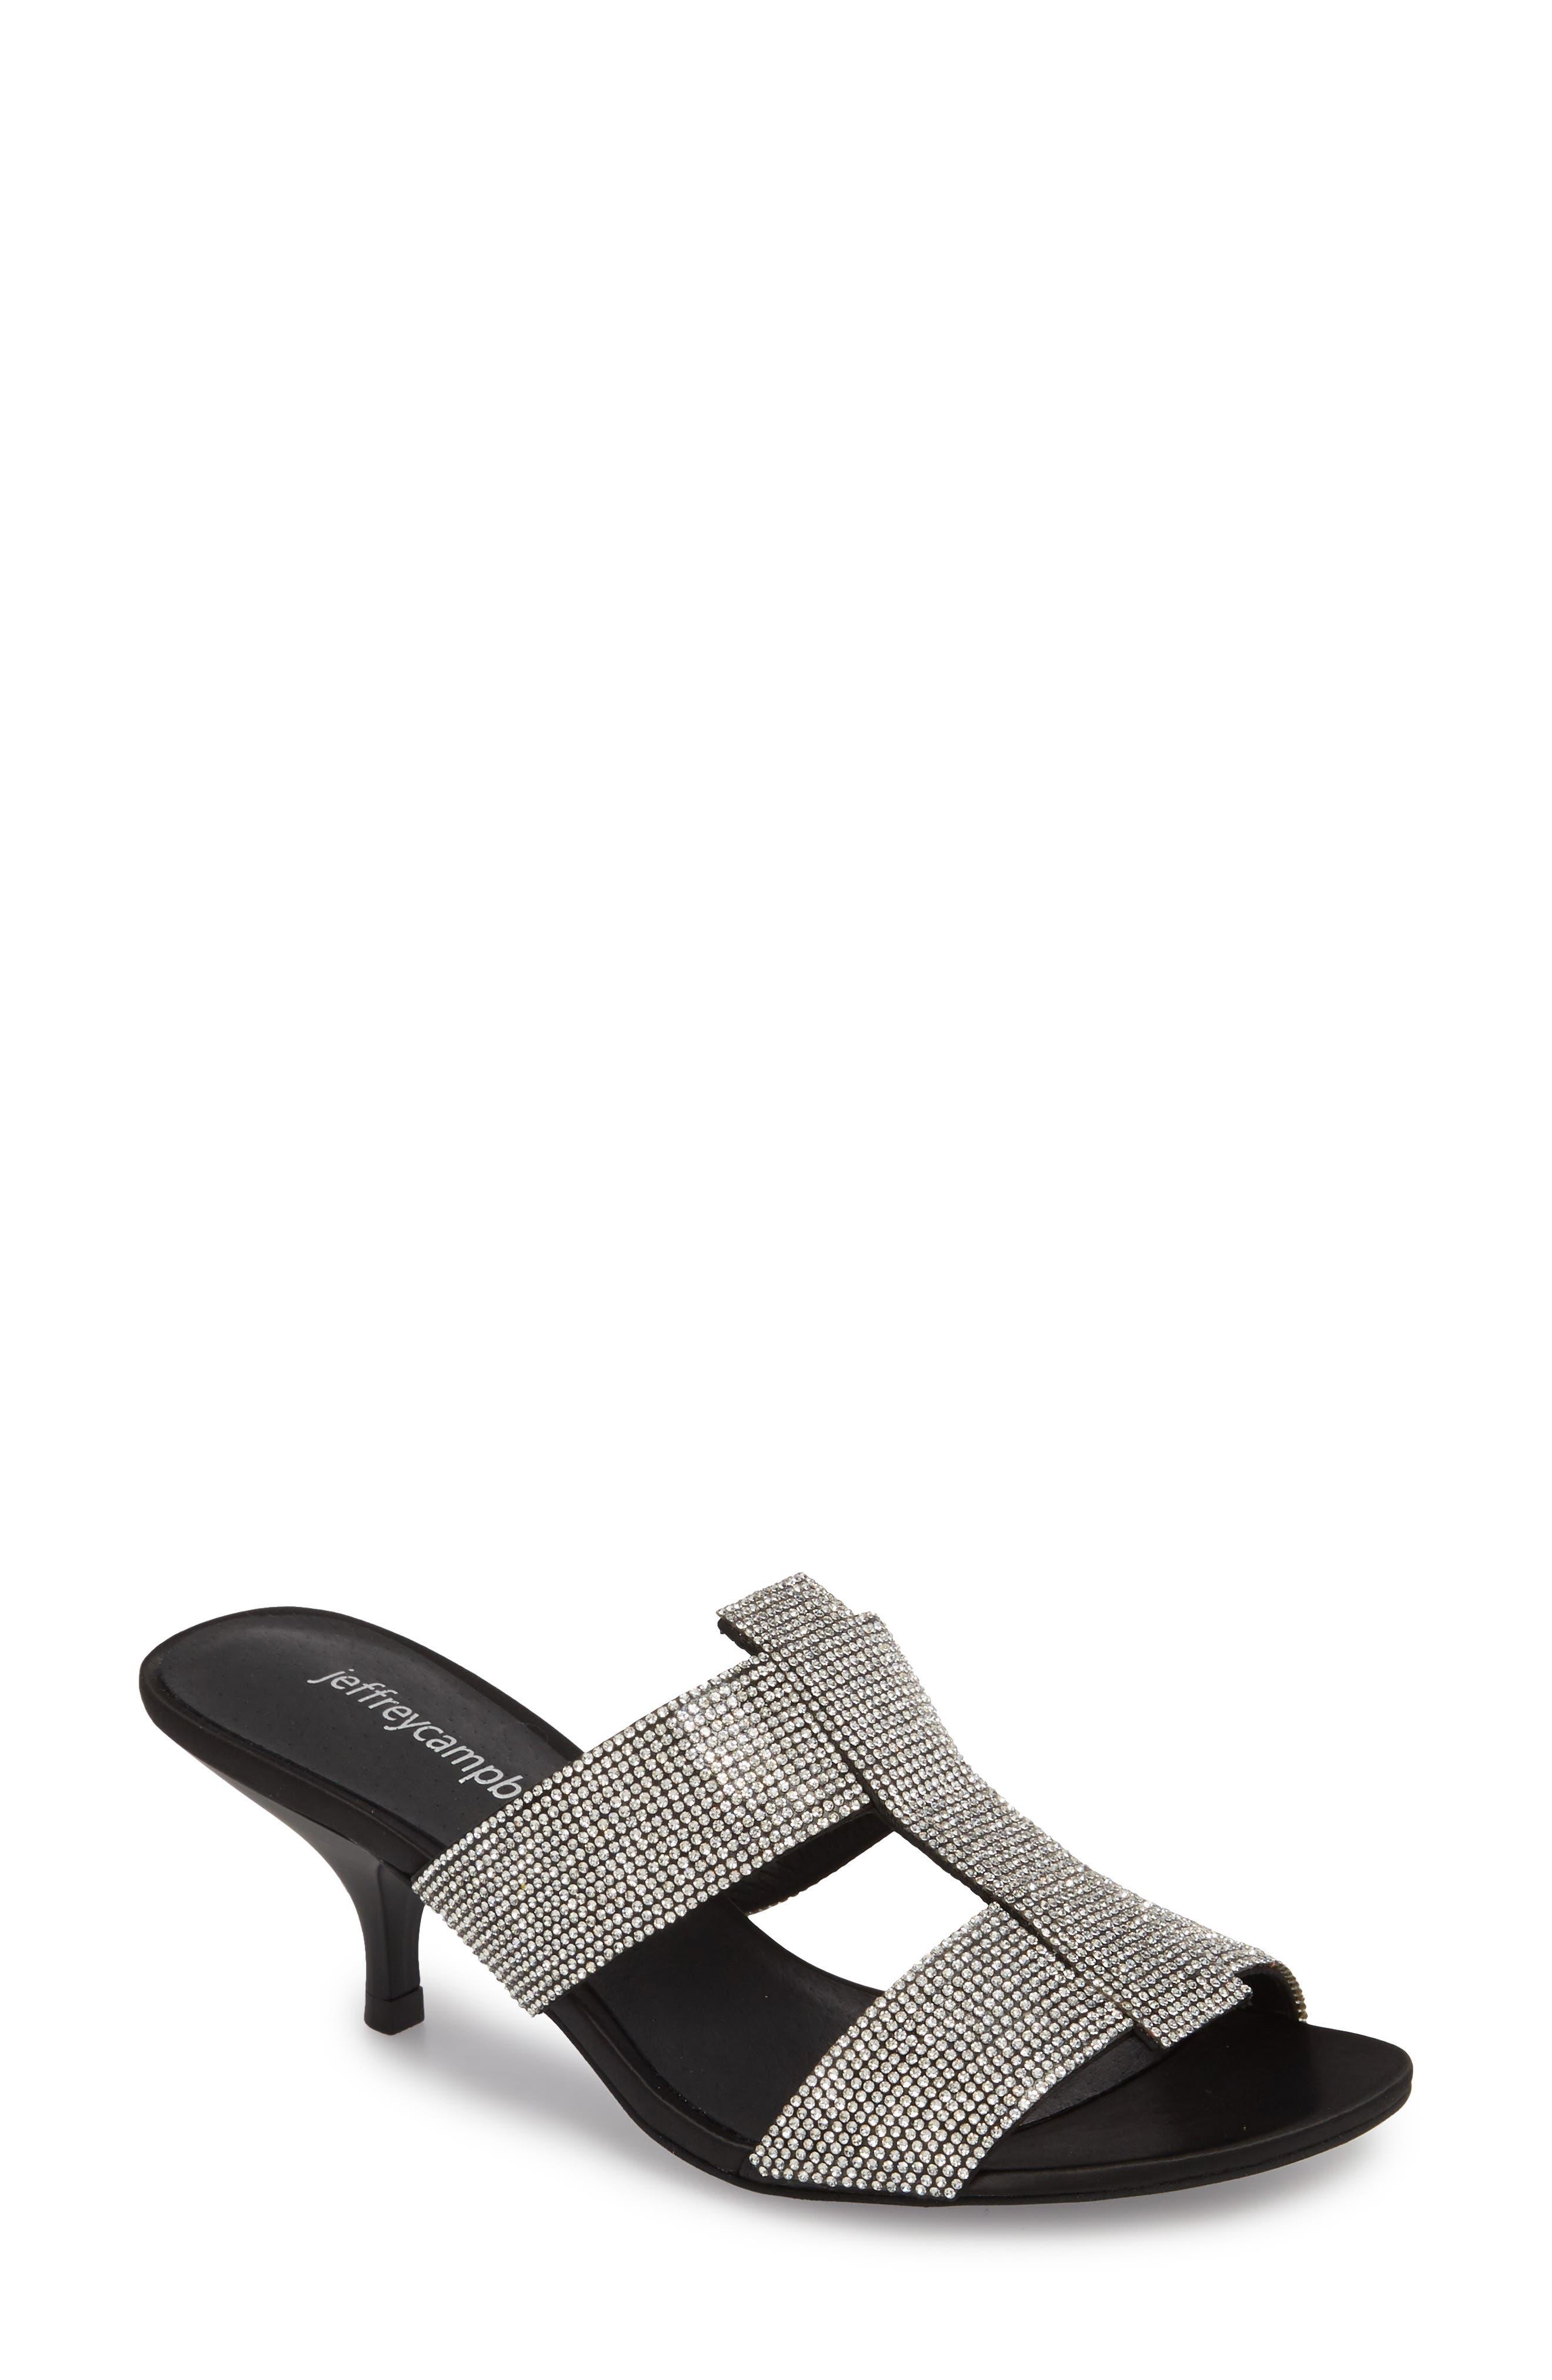 Tartine Embellished Slide Sandal,                         Main,                         color, Black Satin/ Silver